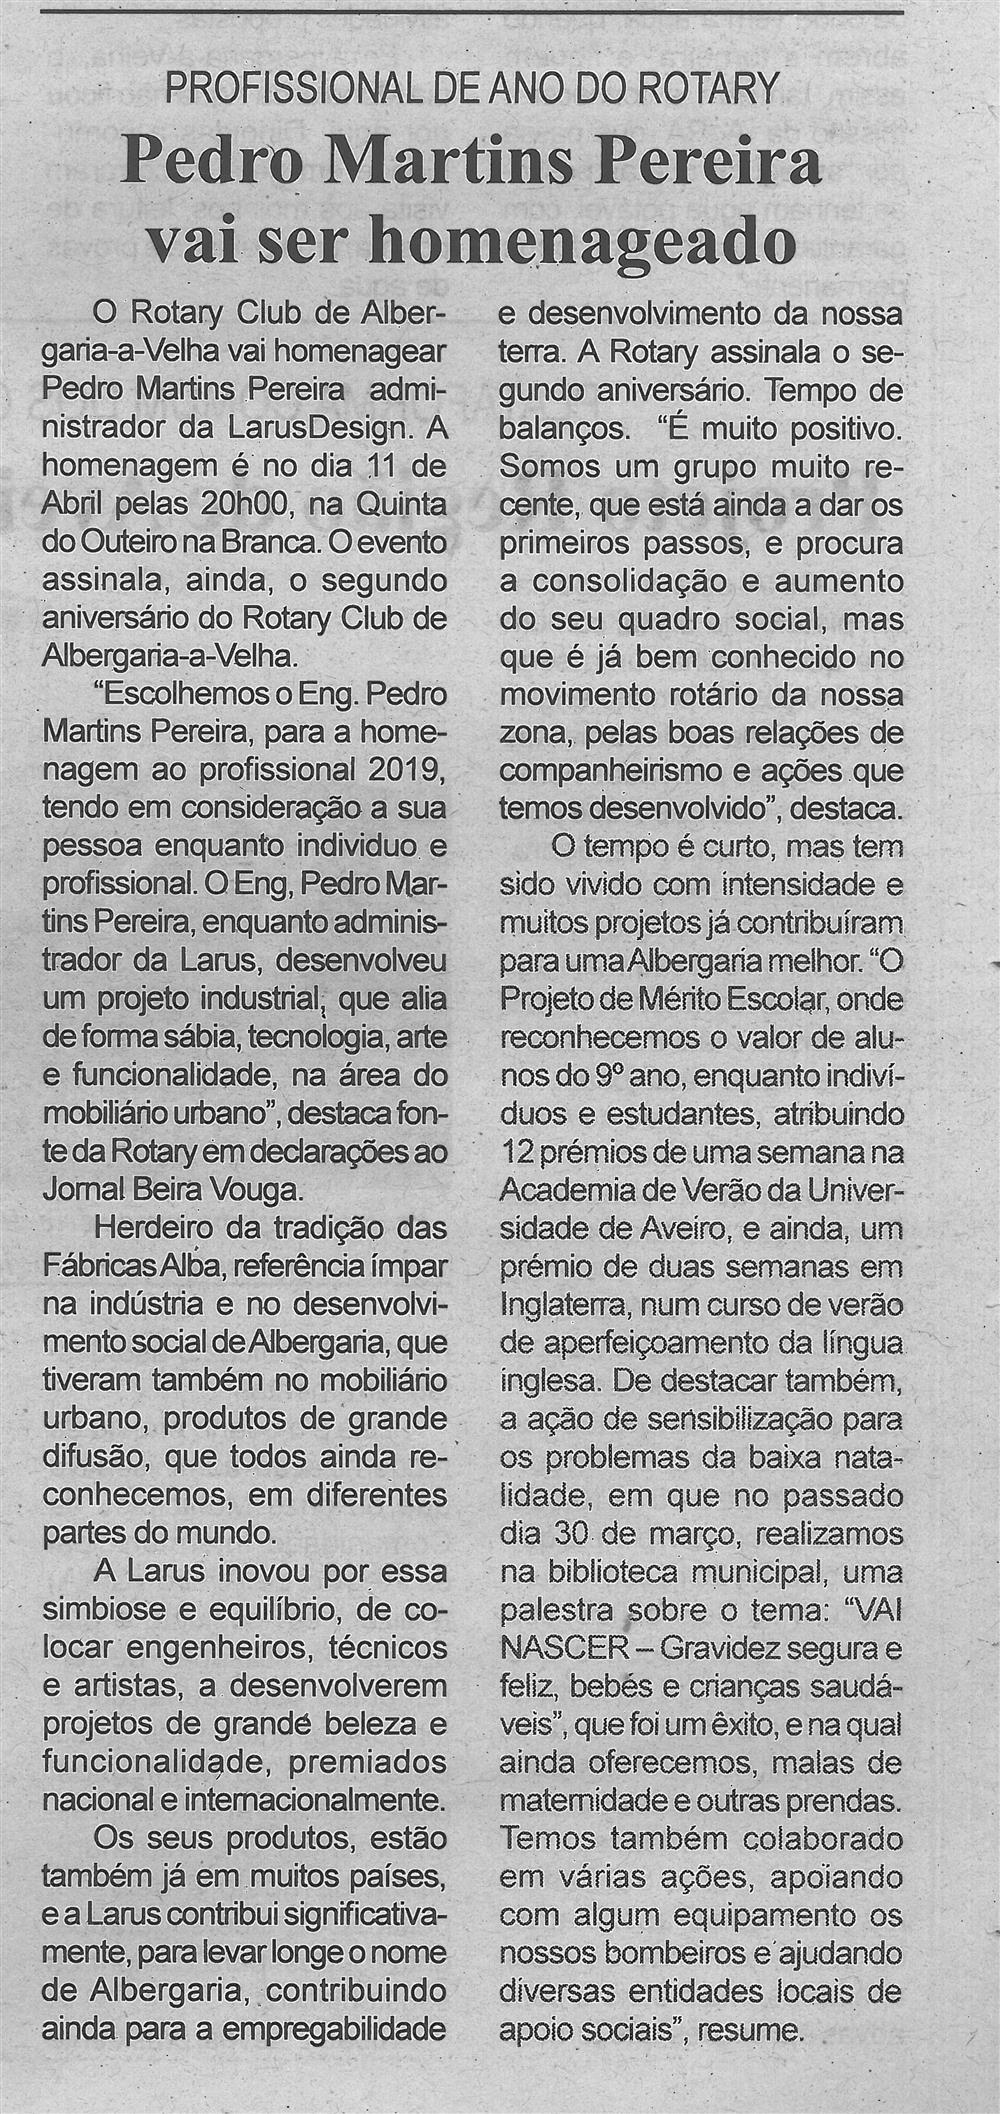 BV-1.ªabr.'19-p.11-Pedro Martins Pereira vai ser homenageado.jpg